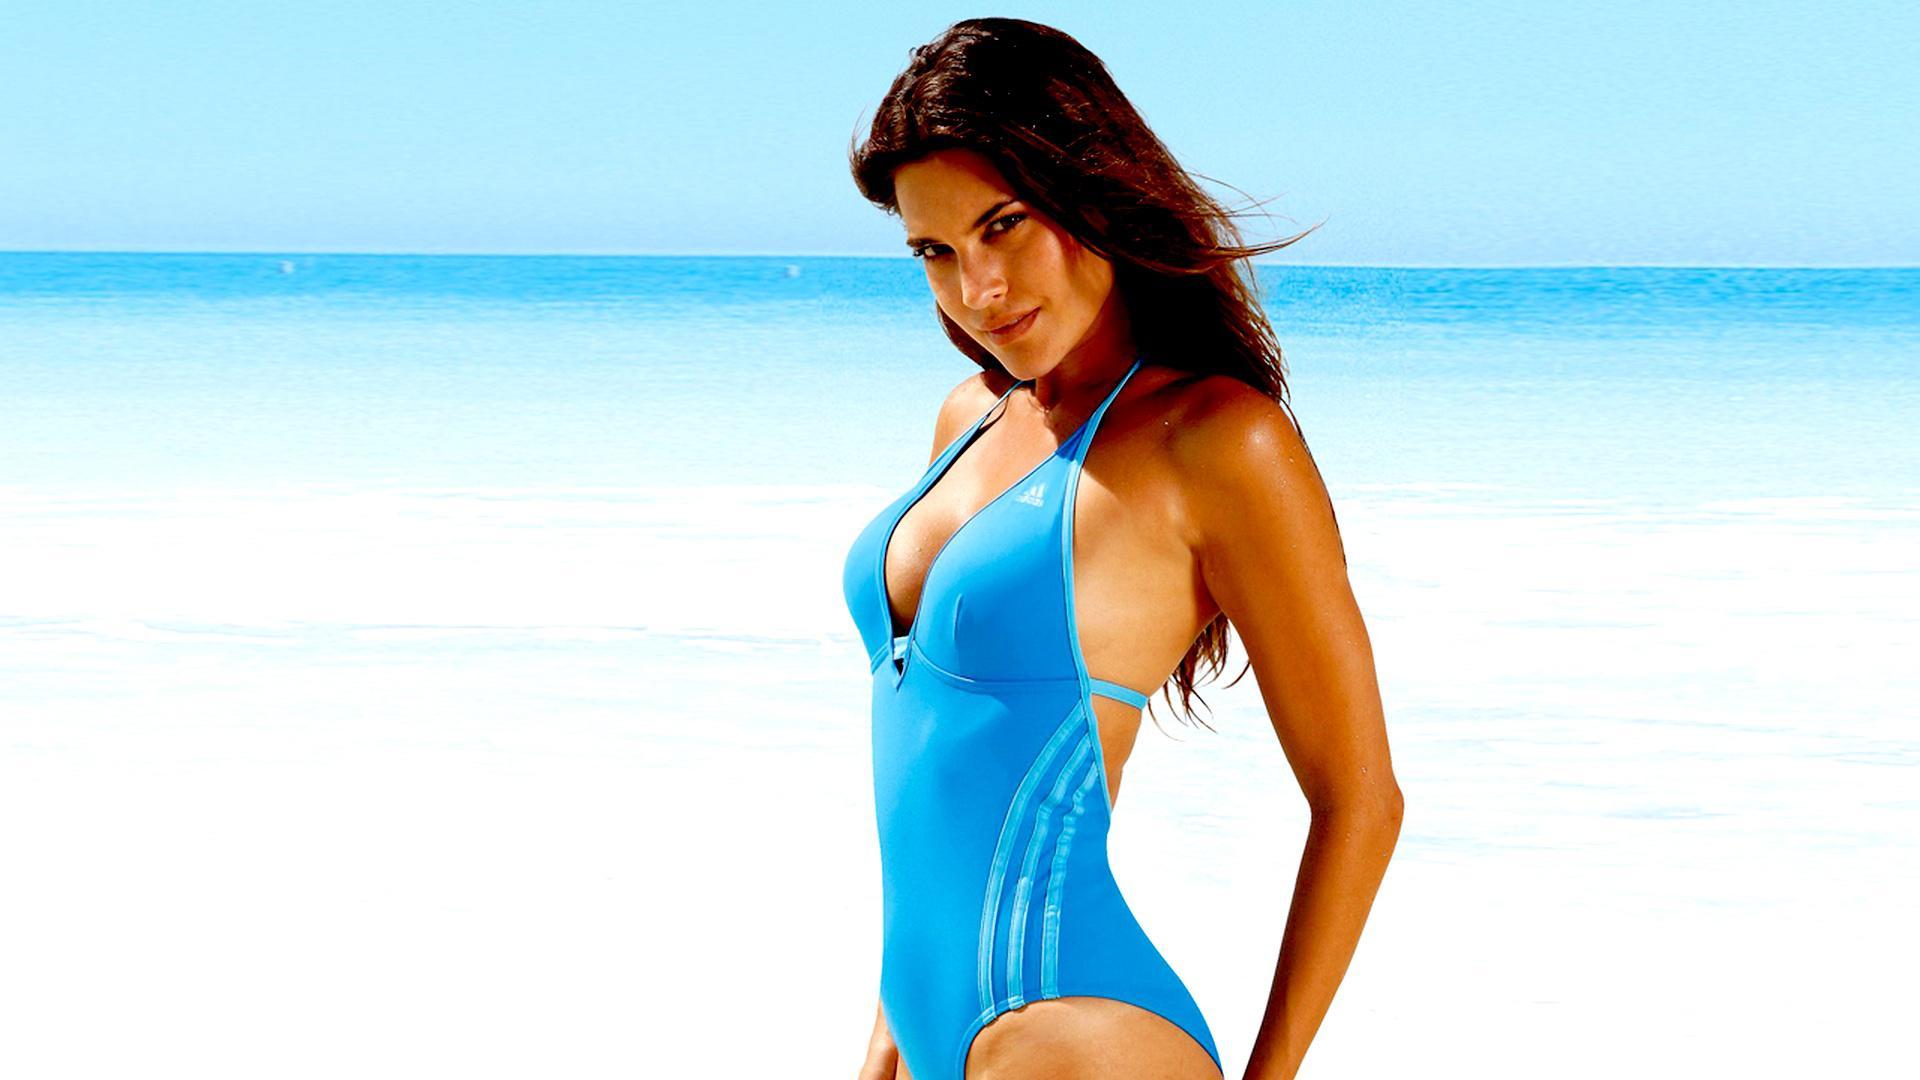 Hot Beach Girls Swimsuit HD Wallpaper HD Wallpaper Pc Wallpaper 1920x1080